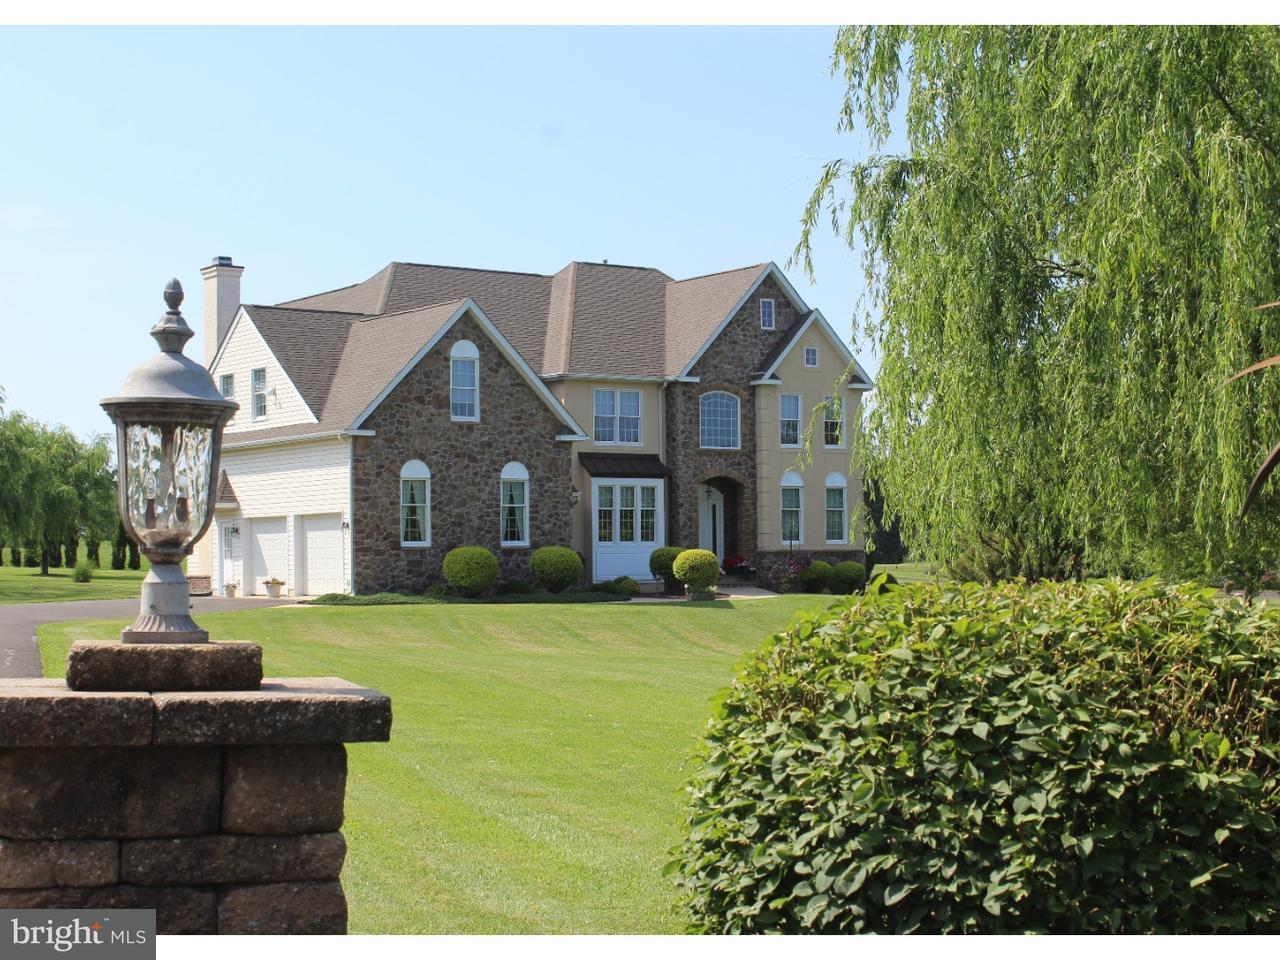 Μονοκατοικία για την Πώληση στο 2960 WILKINSON Road Jamison, Πενσιλβανια 18929 Ηνωμενεσ Πολιτειεσ